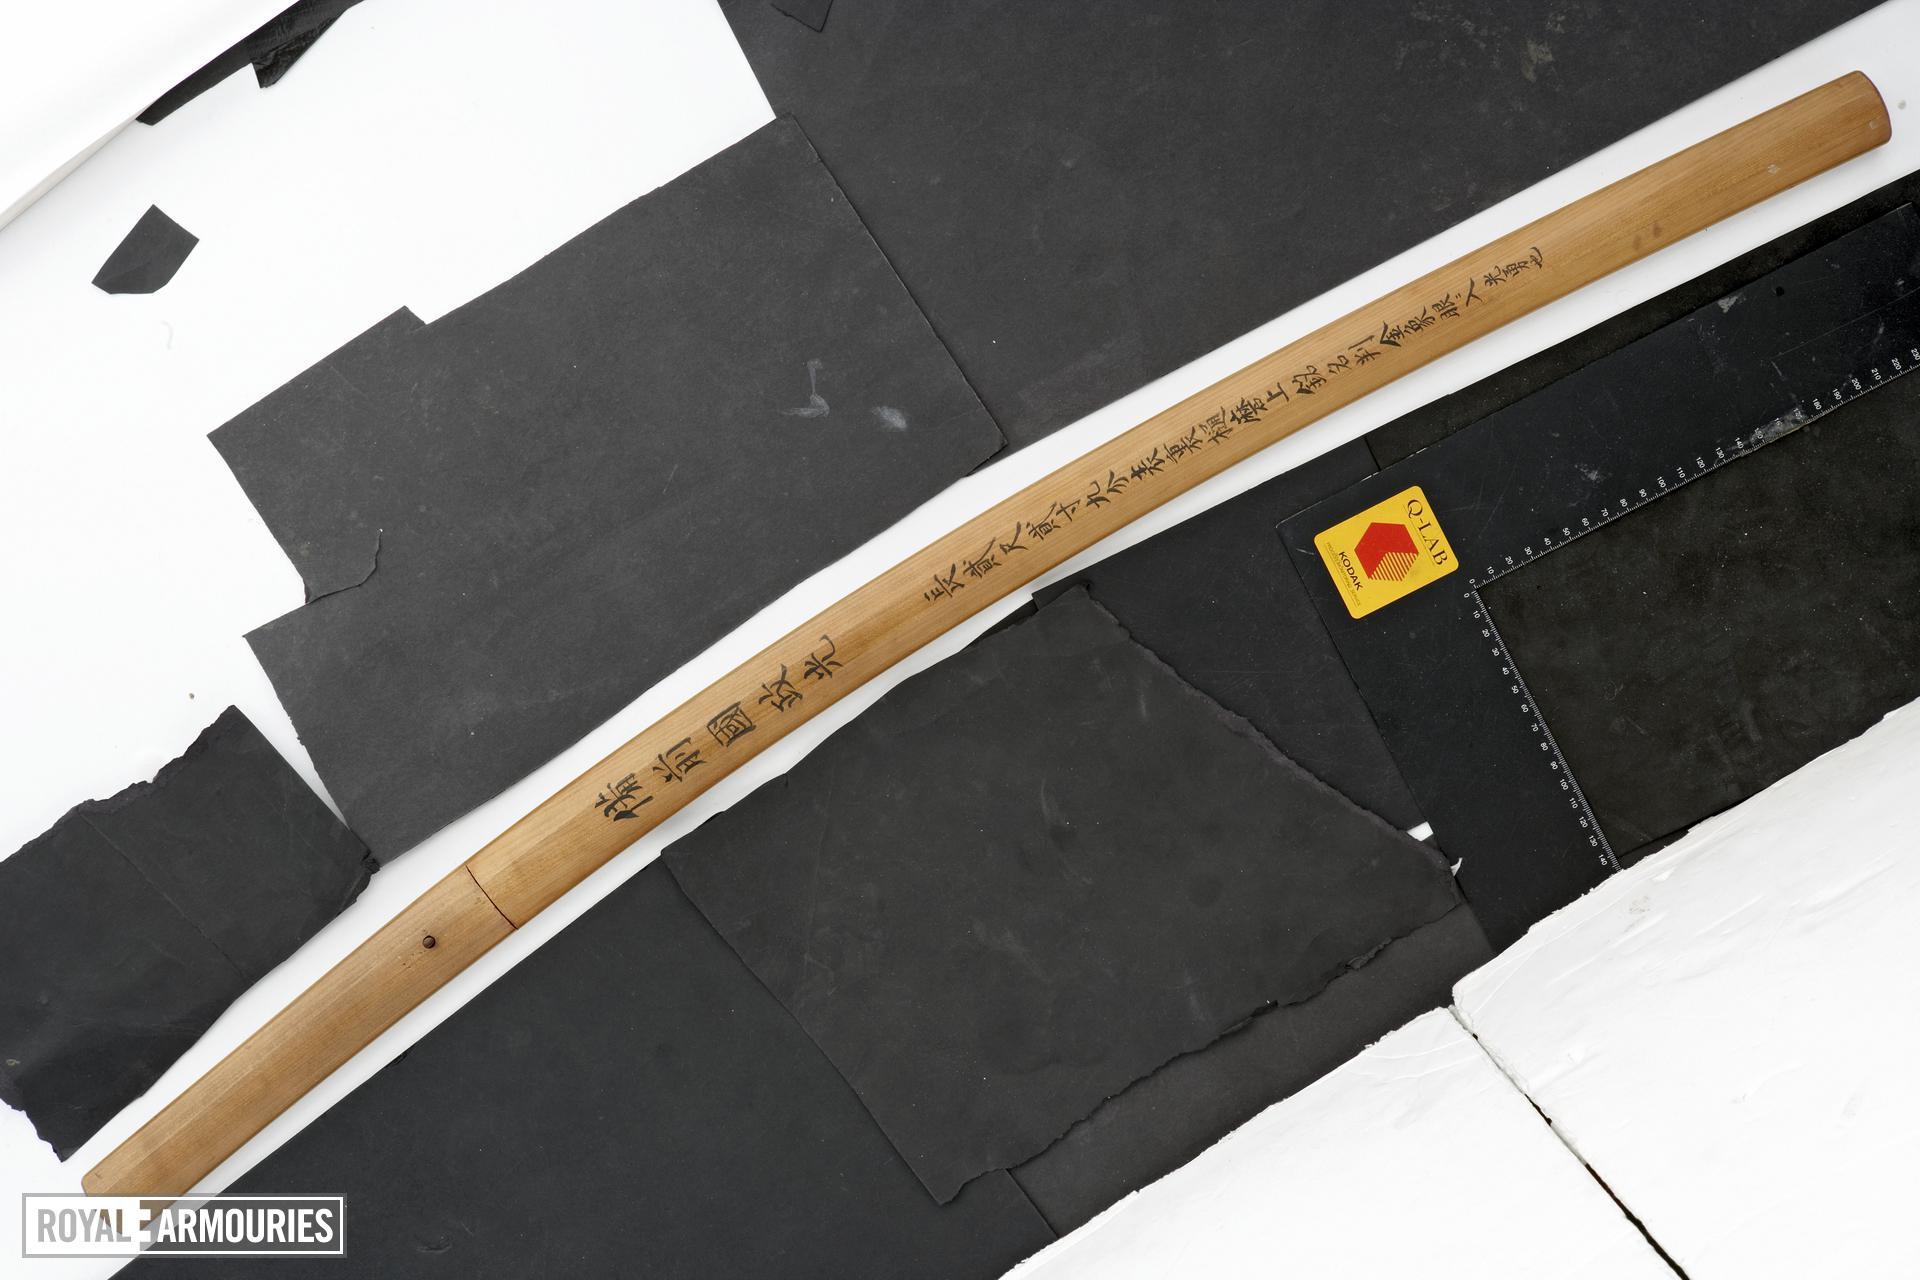 Sword (katana) by Masamitsu